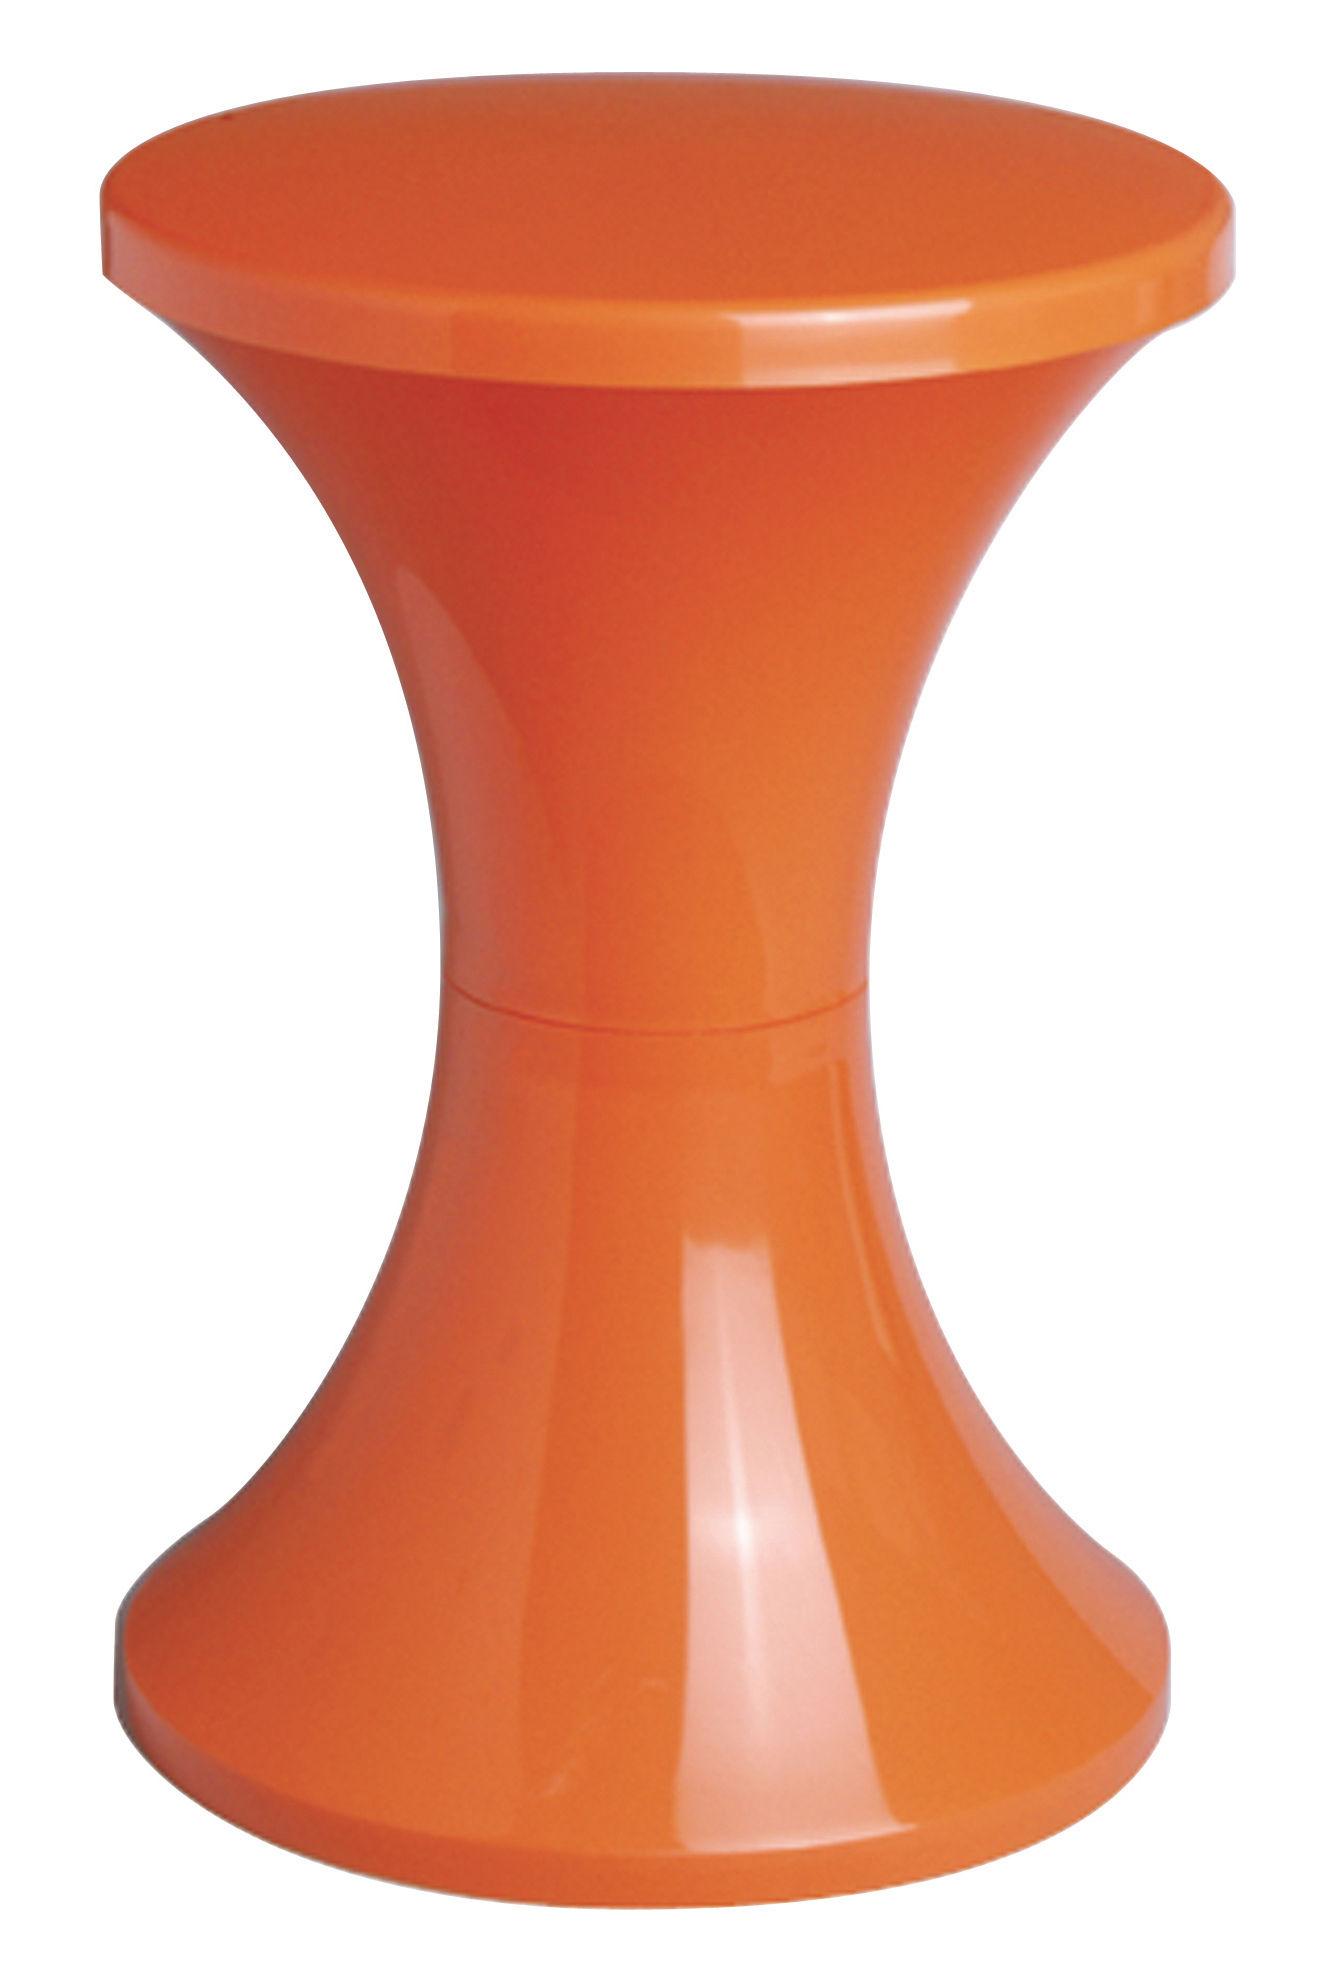 Mobilier - Mobilier Ados - Tabouret Tam Tam Pop / Plastique - Stamp Edition - Orange - Polypropylène